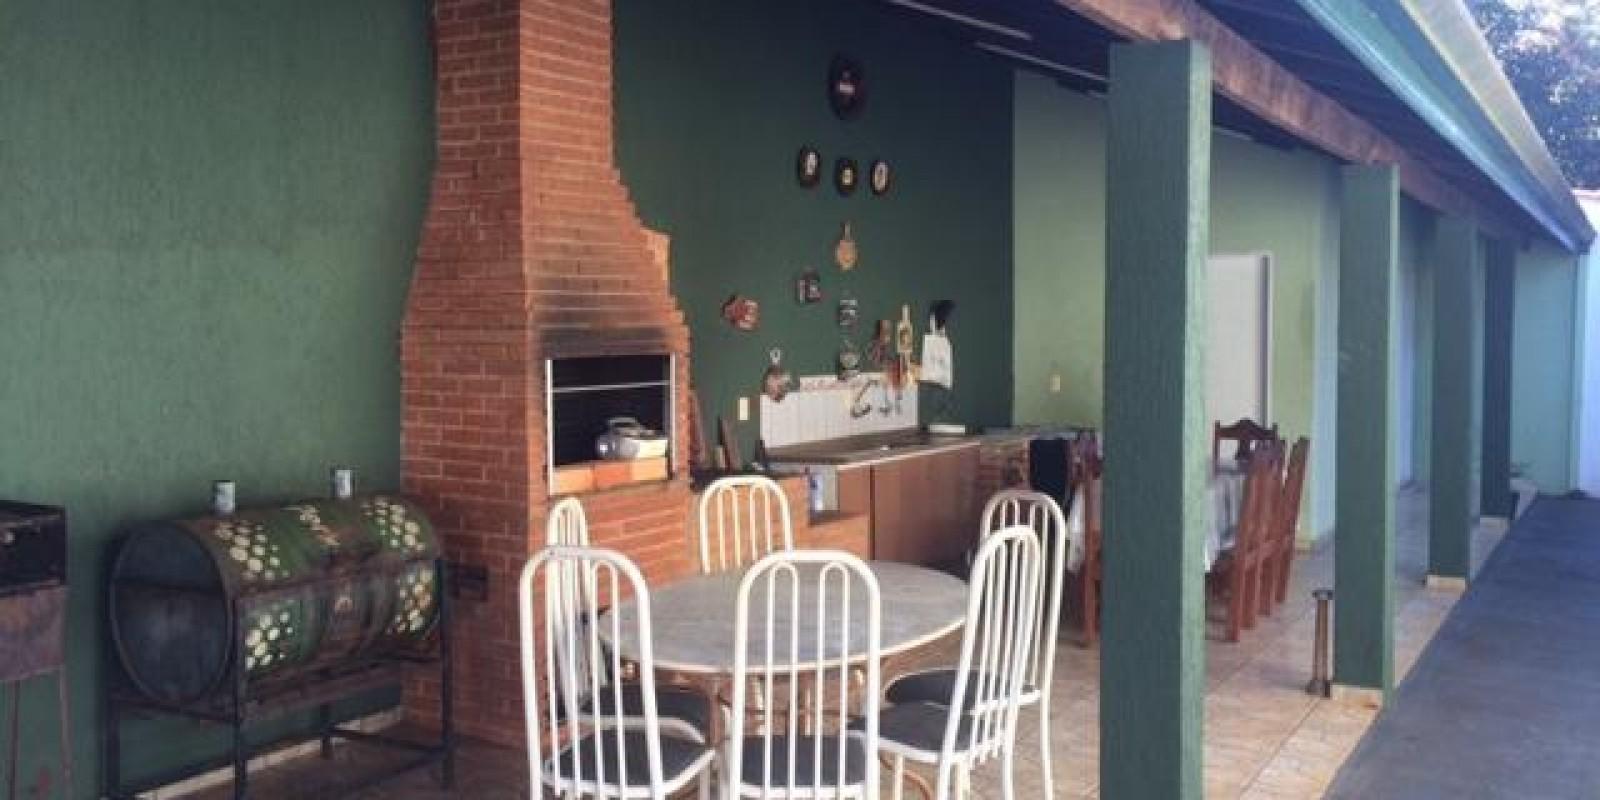 Casa MOBILIADA na Represa no Portal do Catavento em Arandu SP - Foto 4 de 26